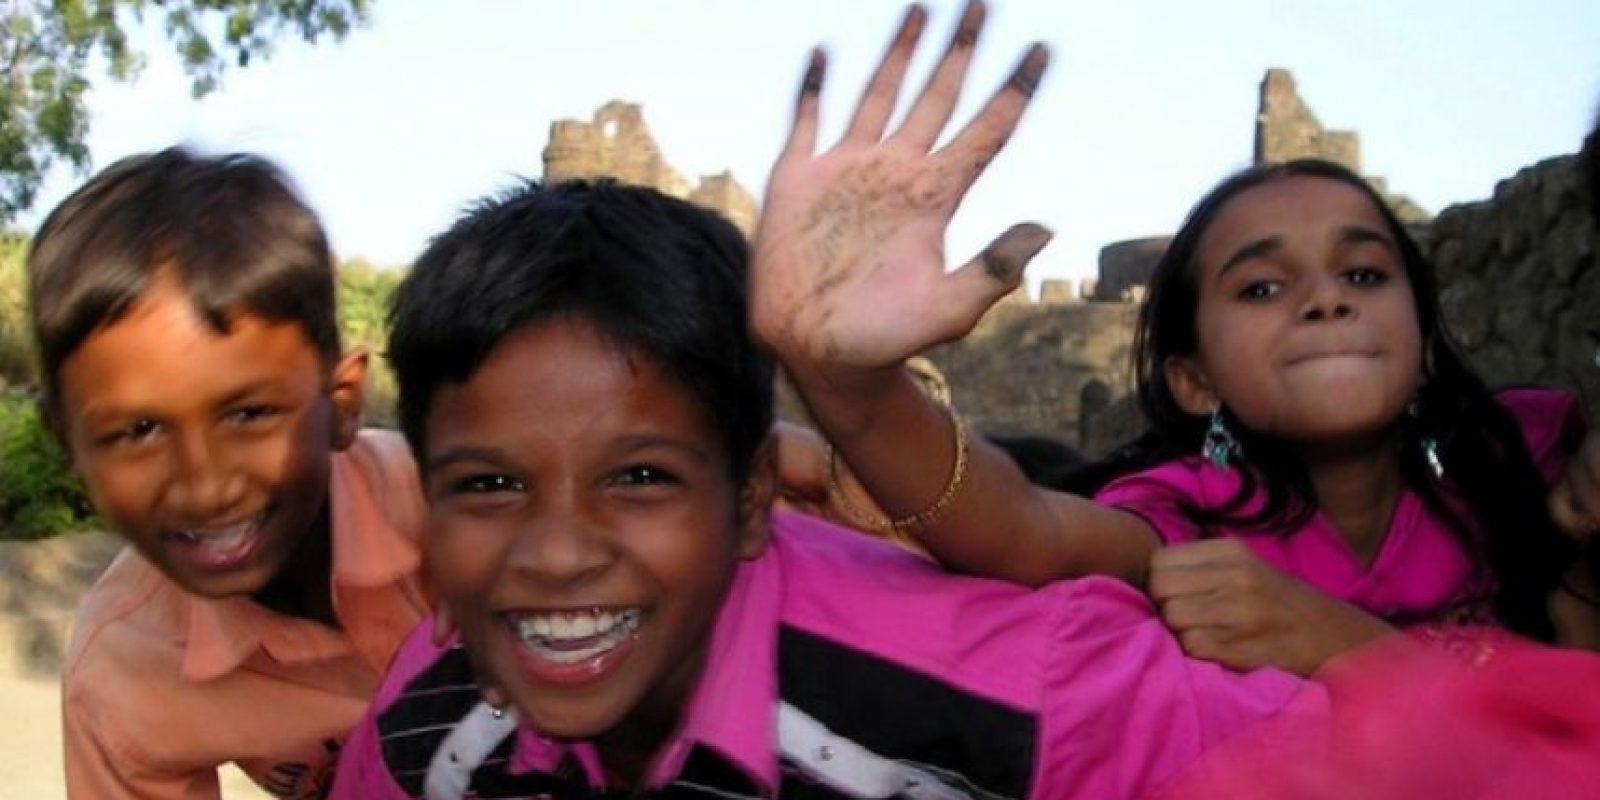 4. Escribir a mano. Recientes investigaciones muestran que escribir a mano, en vez de hacerlo con el teclado, ayuda al aprendizaje. Foto:Tumblr.com/tagged-niños